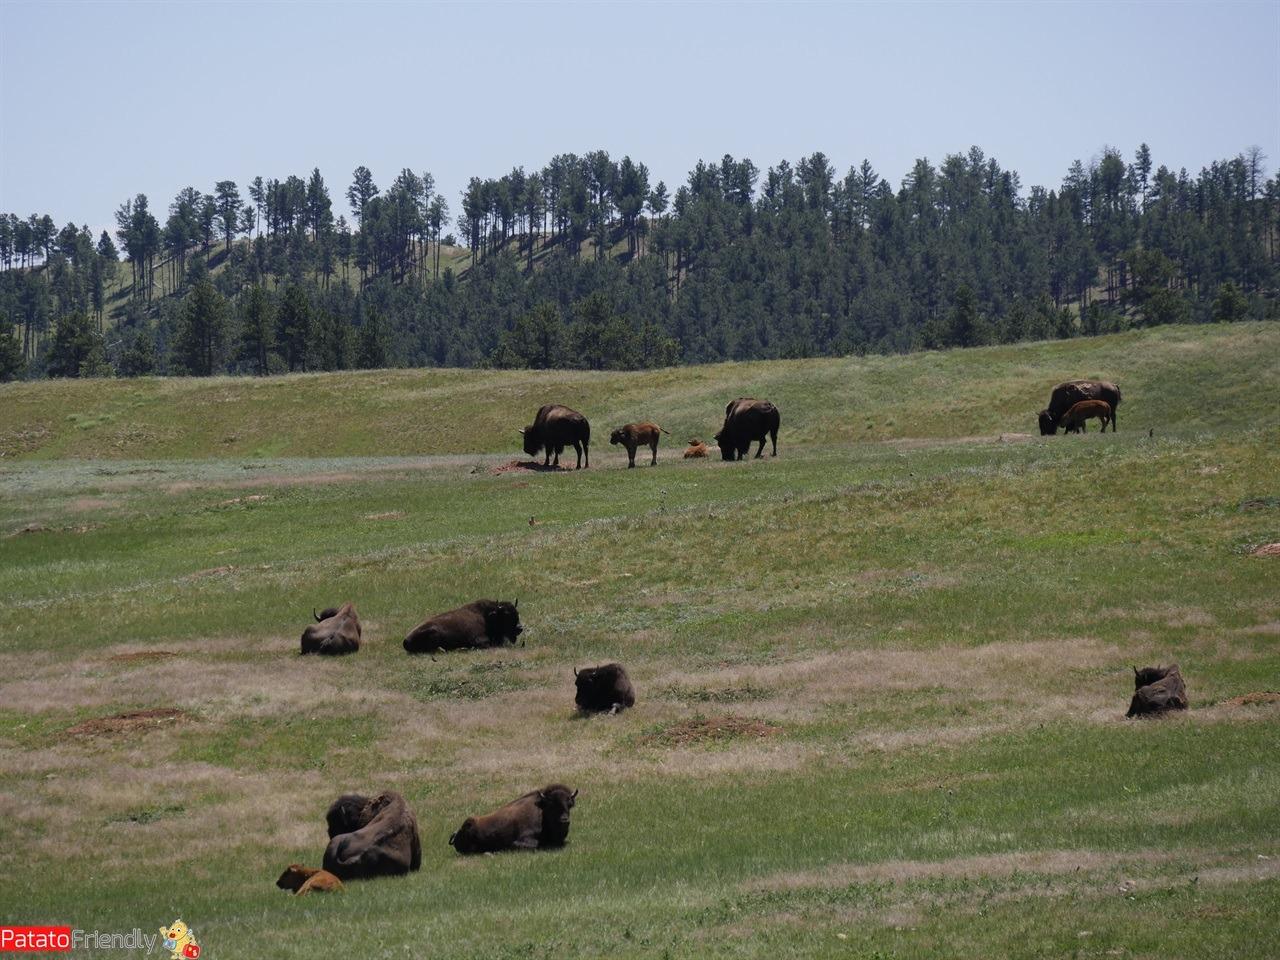 viaggio in South Dakota vedere i bufali